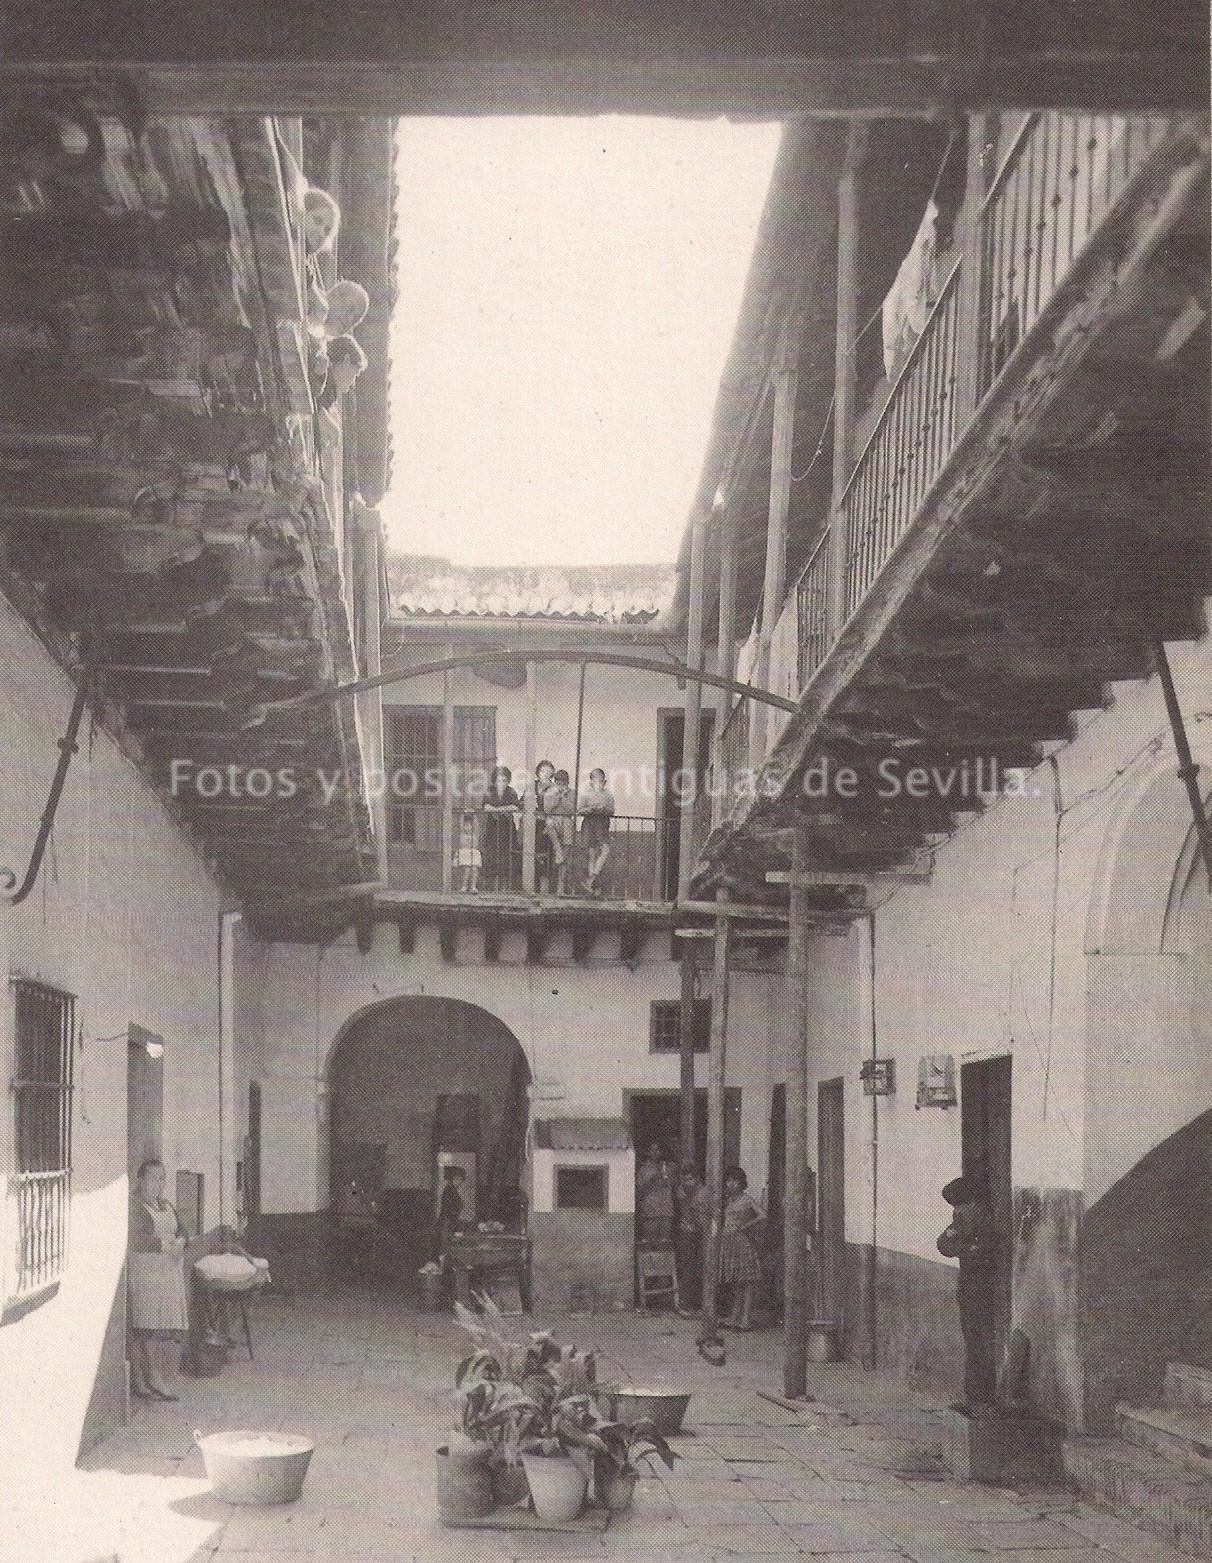 Fotos y postales antiguas de sevilla corrales de vecinos y ventas - Arquitectura tecnica sevilla ...